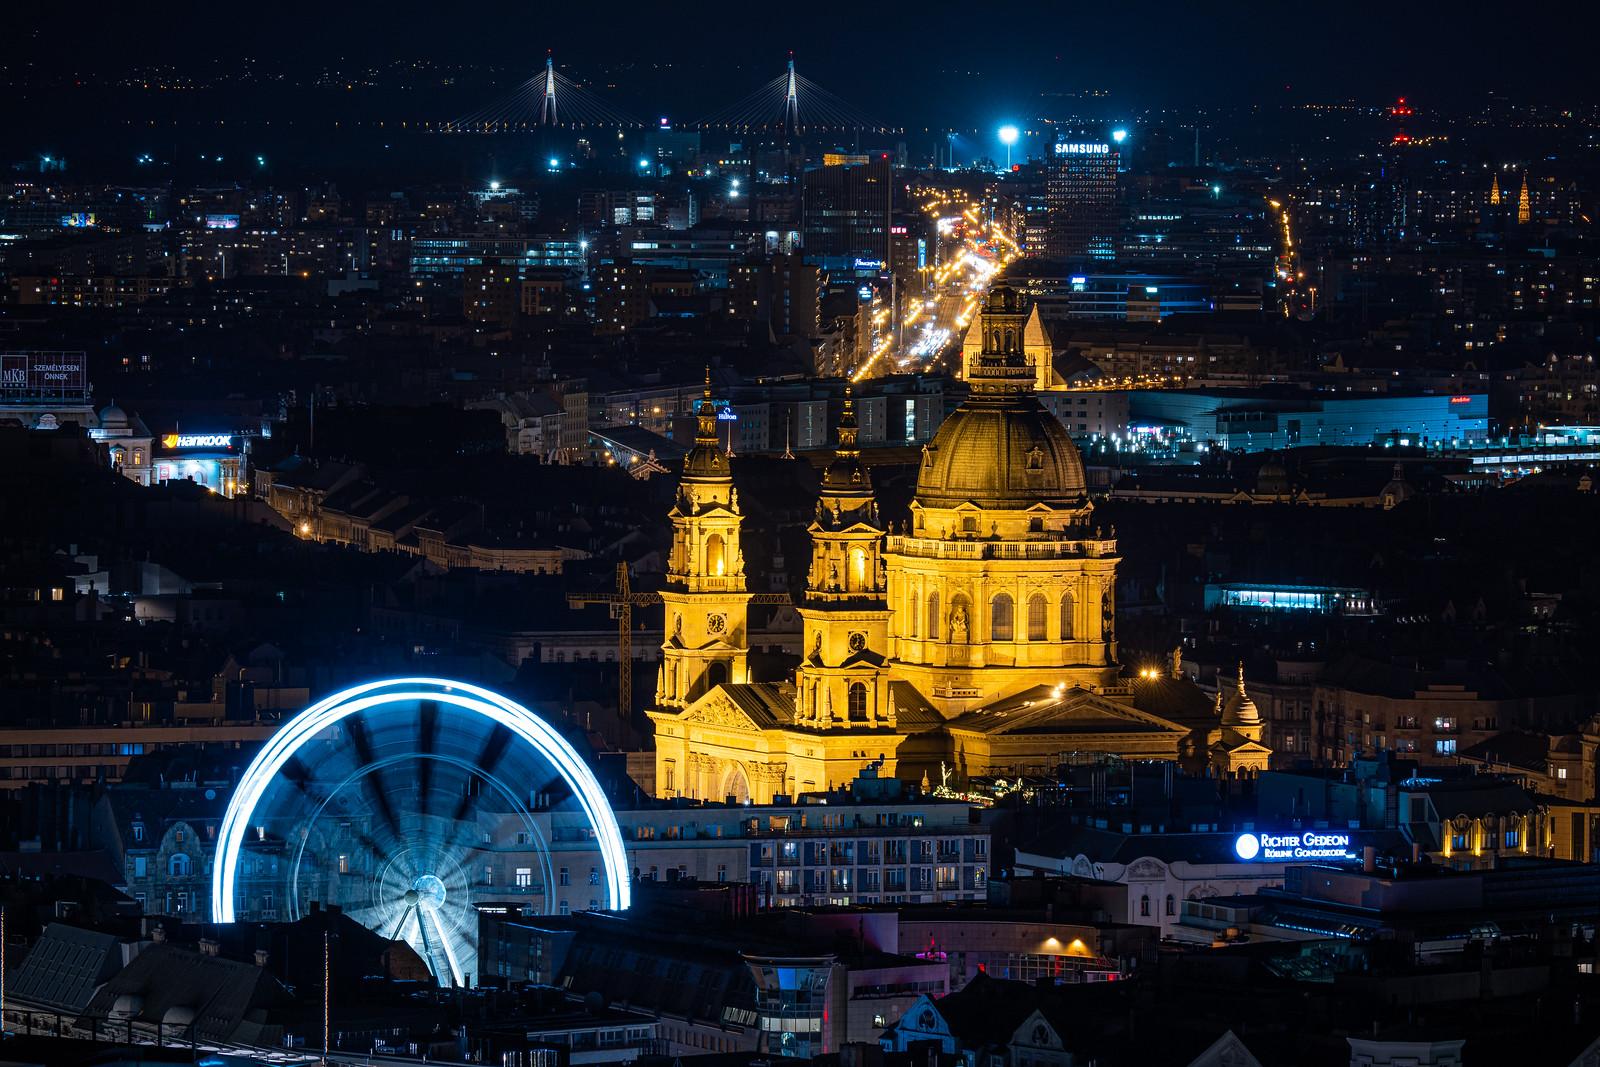 Az Óriáskerék, a Szent István Bazilika és Megyeri híd éjjel